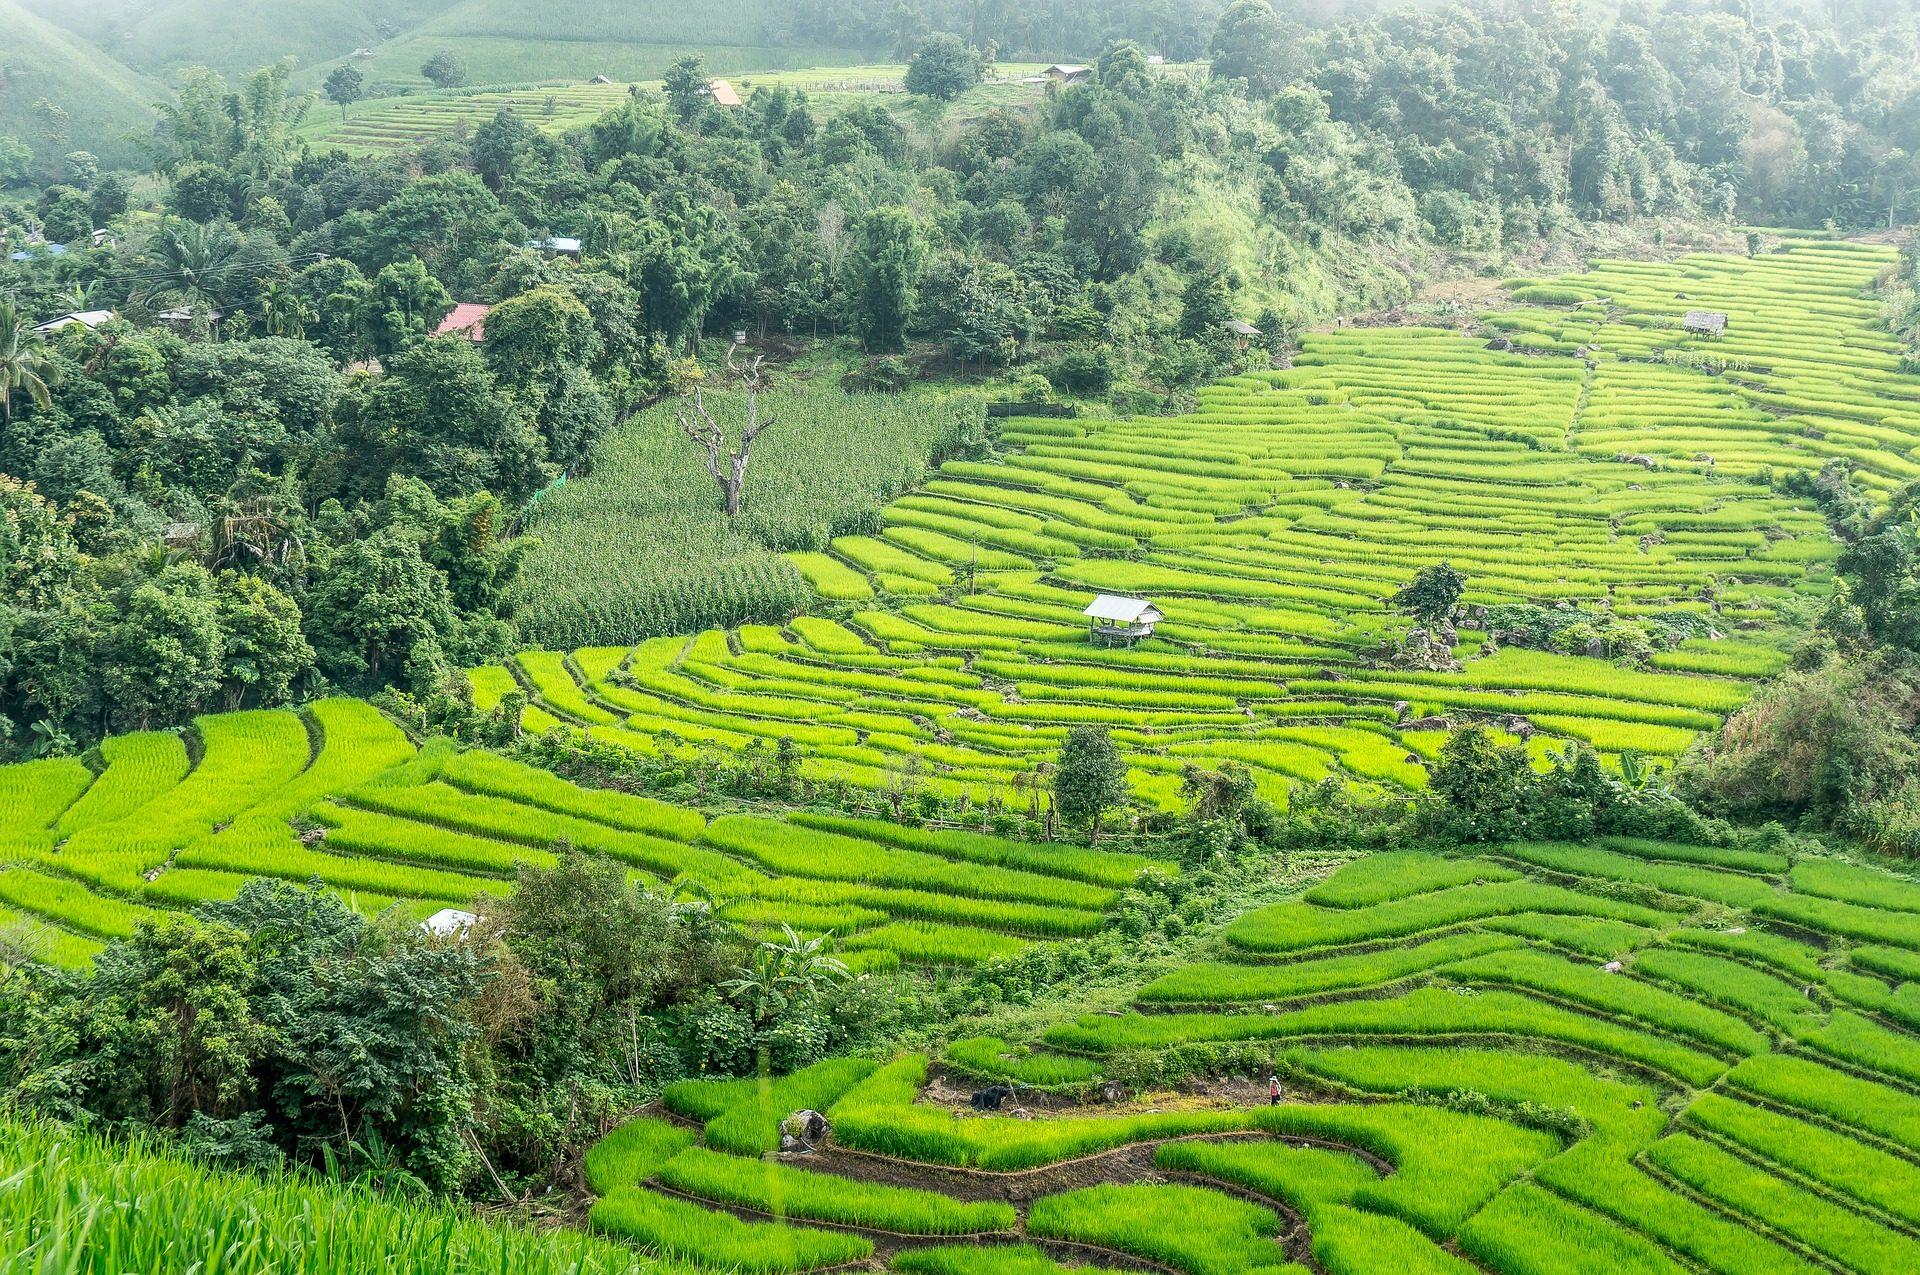 Plantage, Reis, Landwirtschaft, Felder, chiang mai, Thailand - Wallpaper HD - Prof.-falken.com